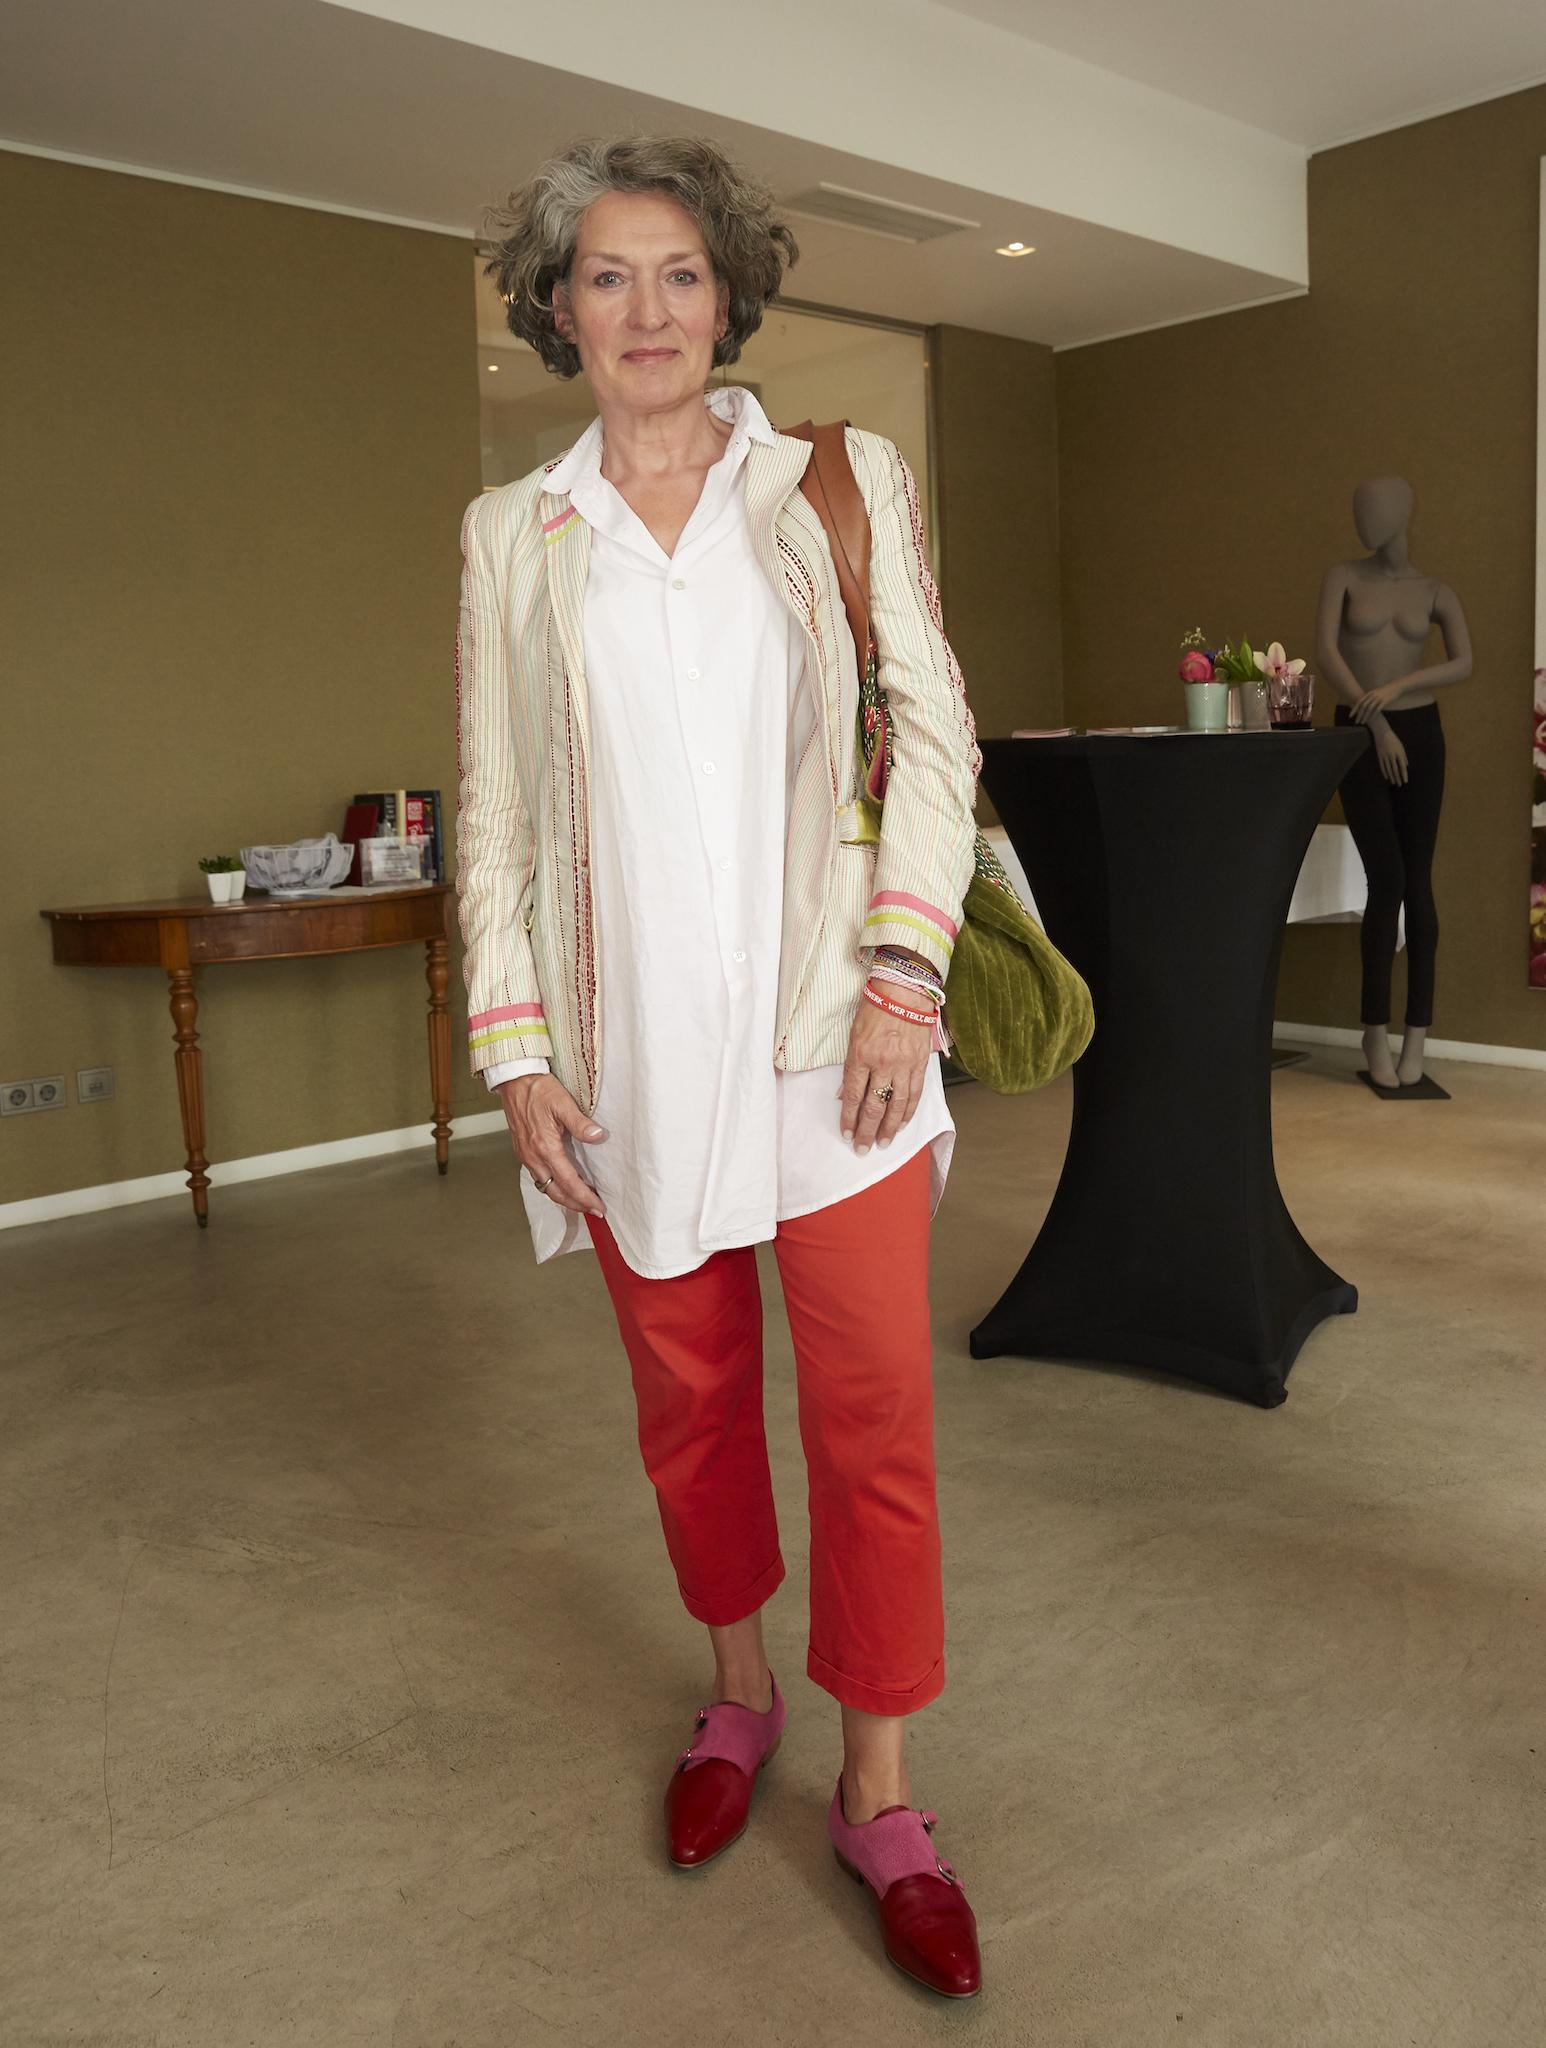 Juliana Gräfin von Gatterburg, Juliana Gräfin von Gatterburg Farrow & Ball, Herzwerk Ladies Lunch, Lifestyle-Blog, Lielingsstil, com,